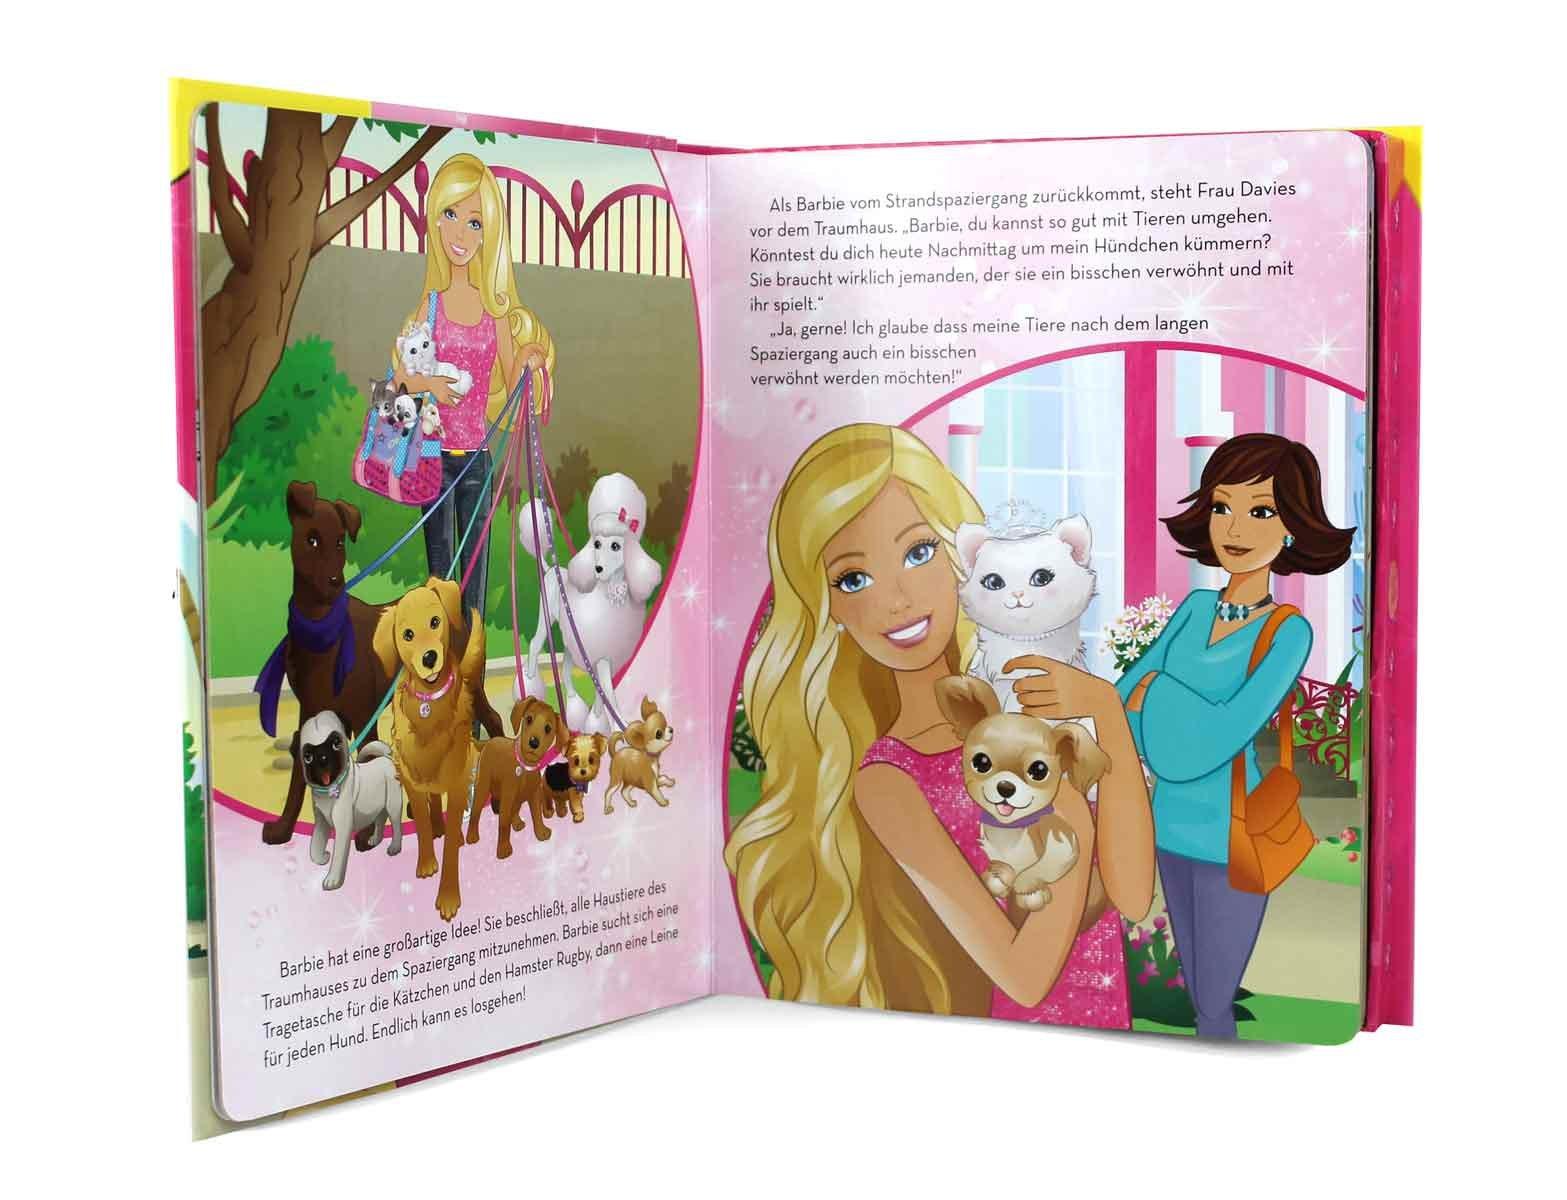 Barbie Agententeam Ausmalbilder : Erfreut Barbie Malbuch Spiele Bilder Framing Malvorlagen